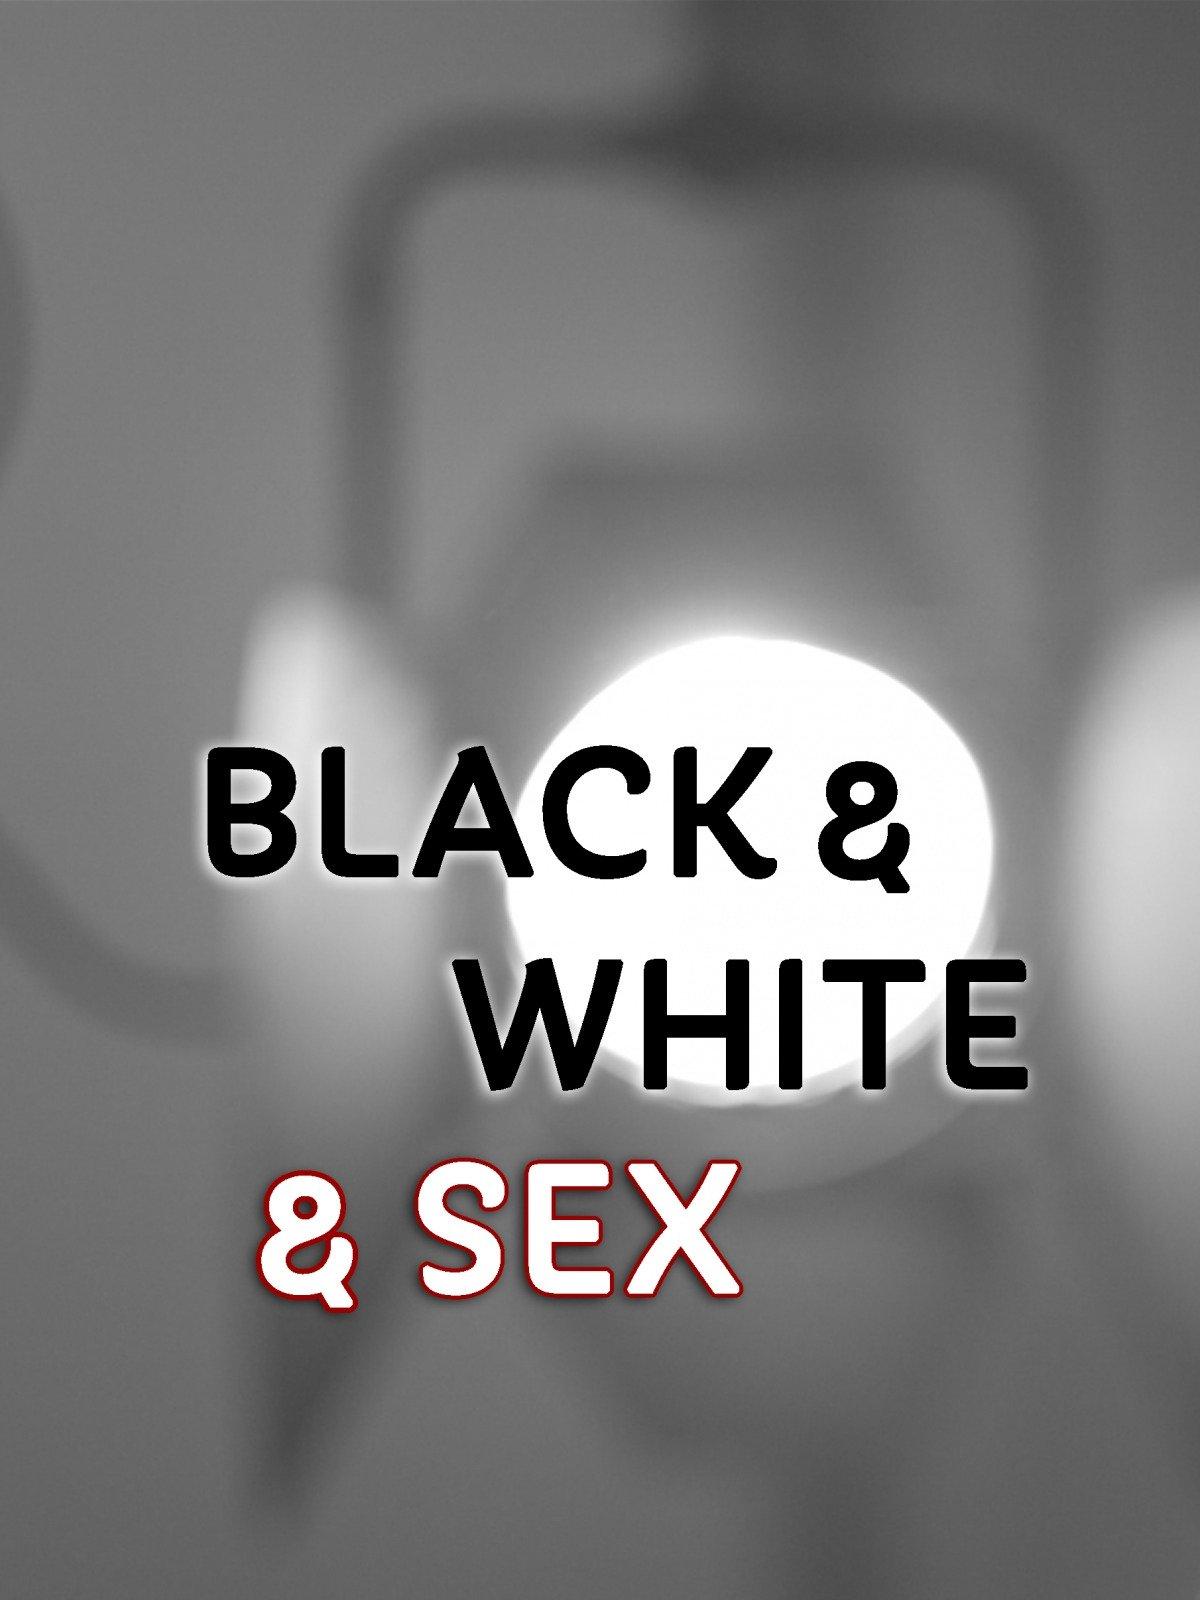 Zdarma dospívající gay porno videa